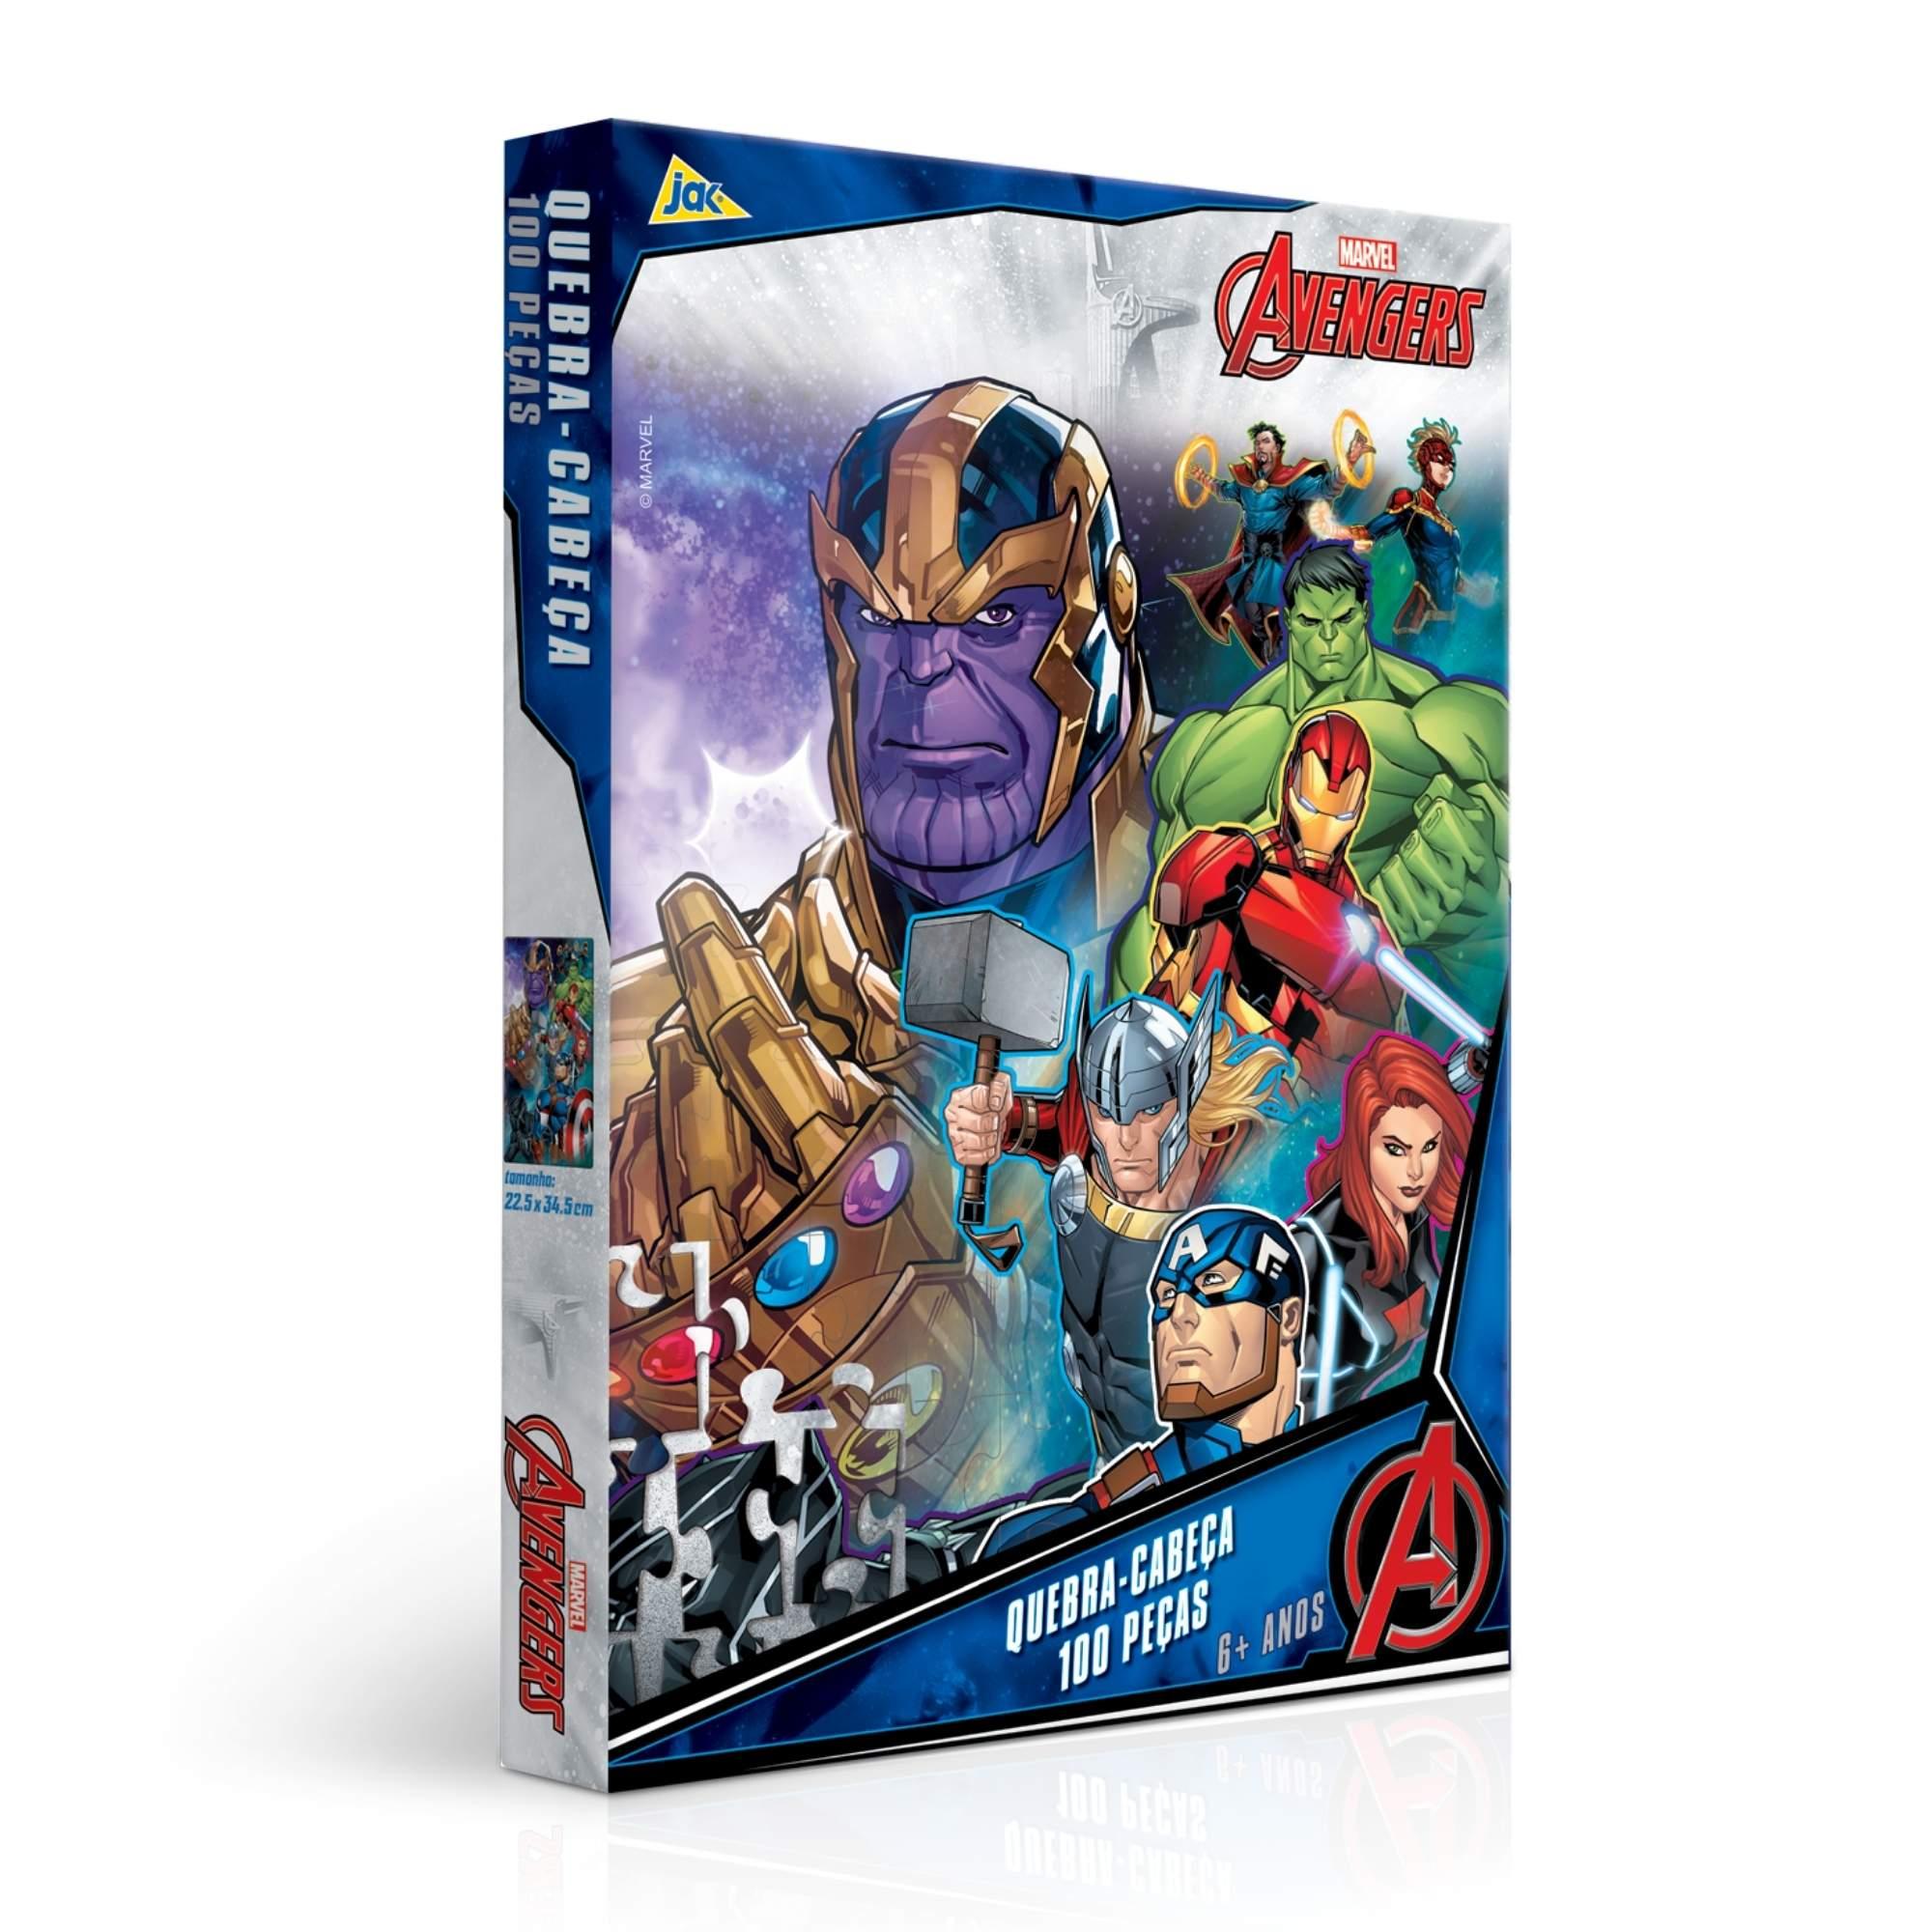 Quebra-Cabeça Marvel Avengers Os Vingadores 100 Peças